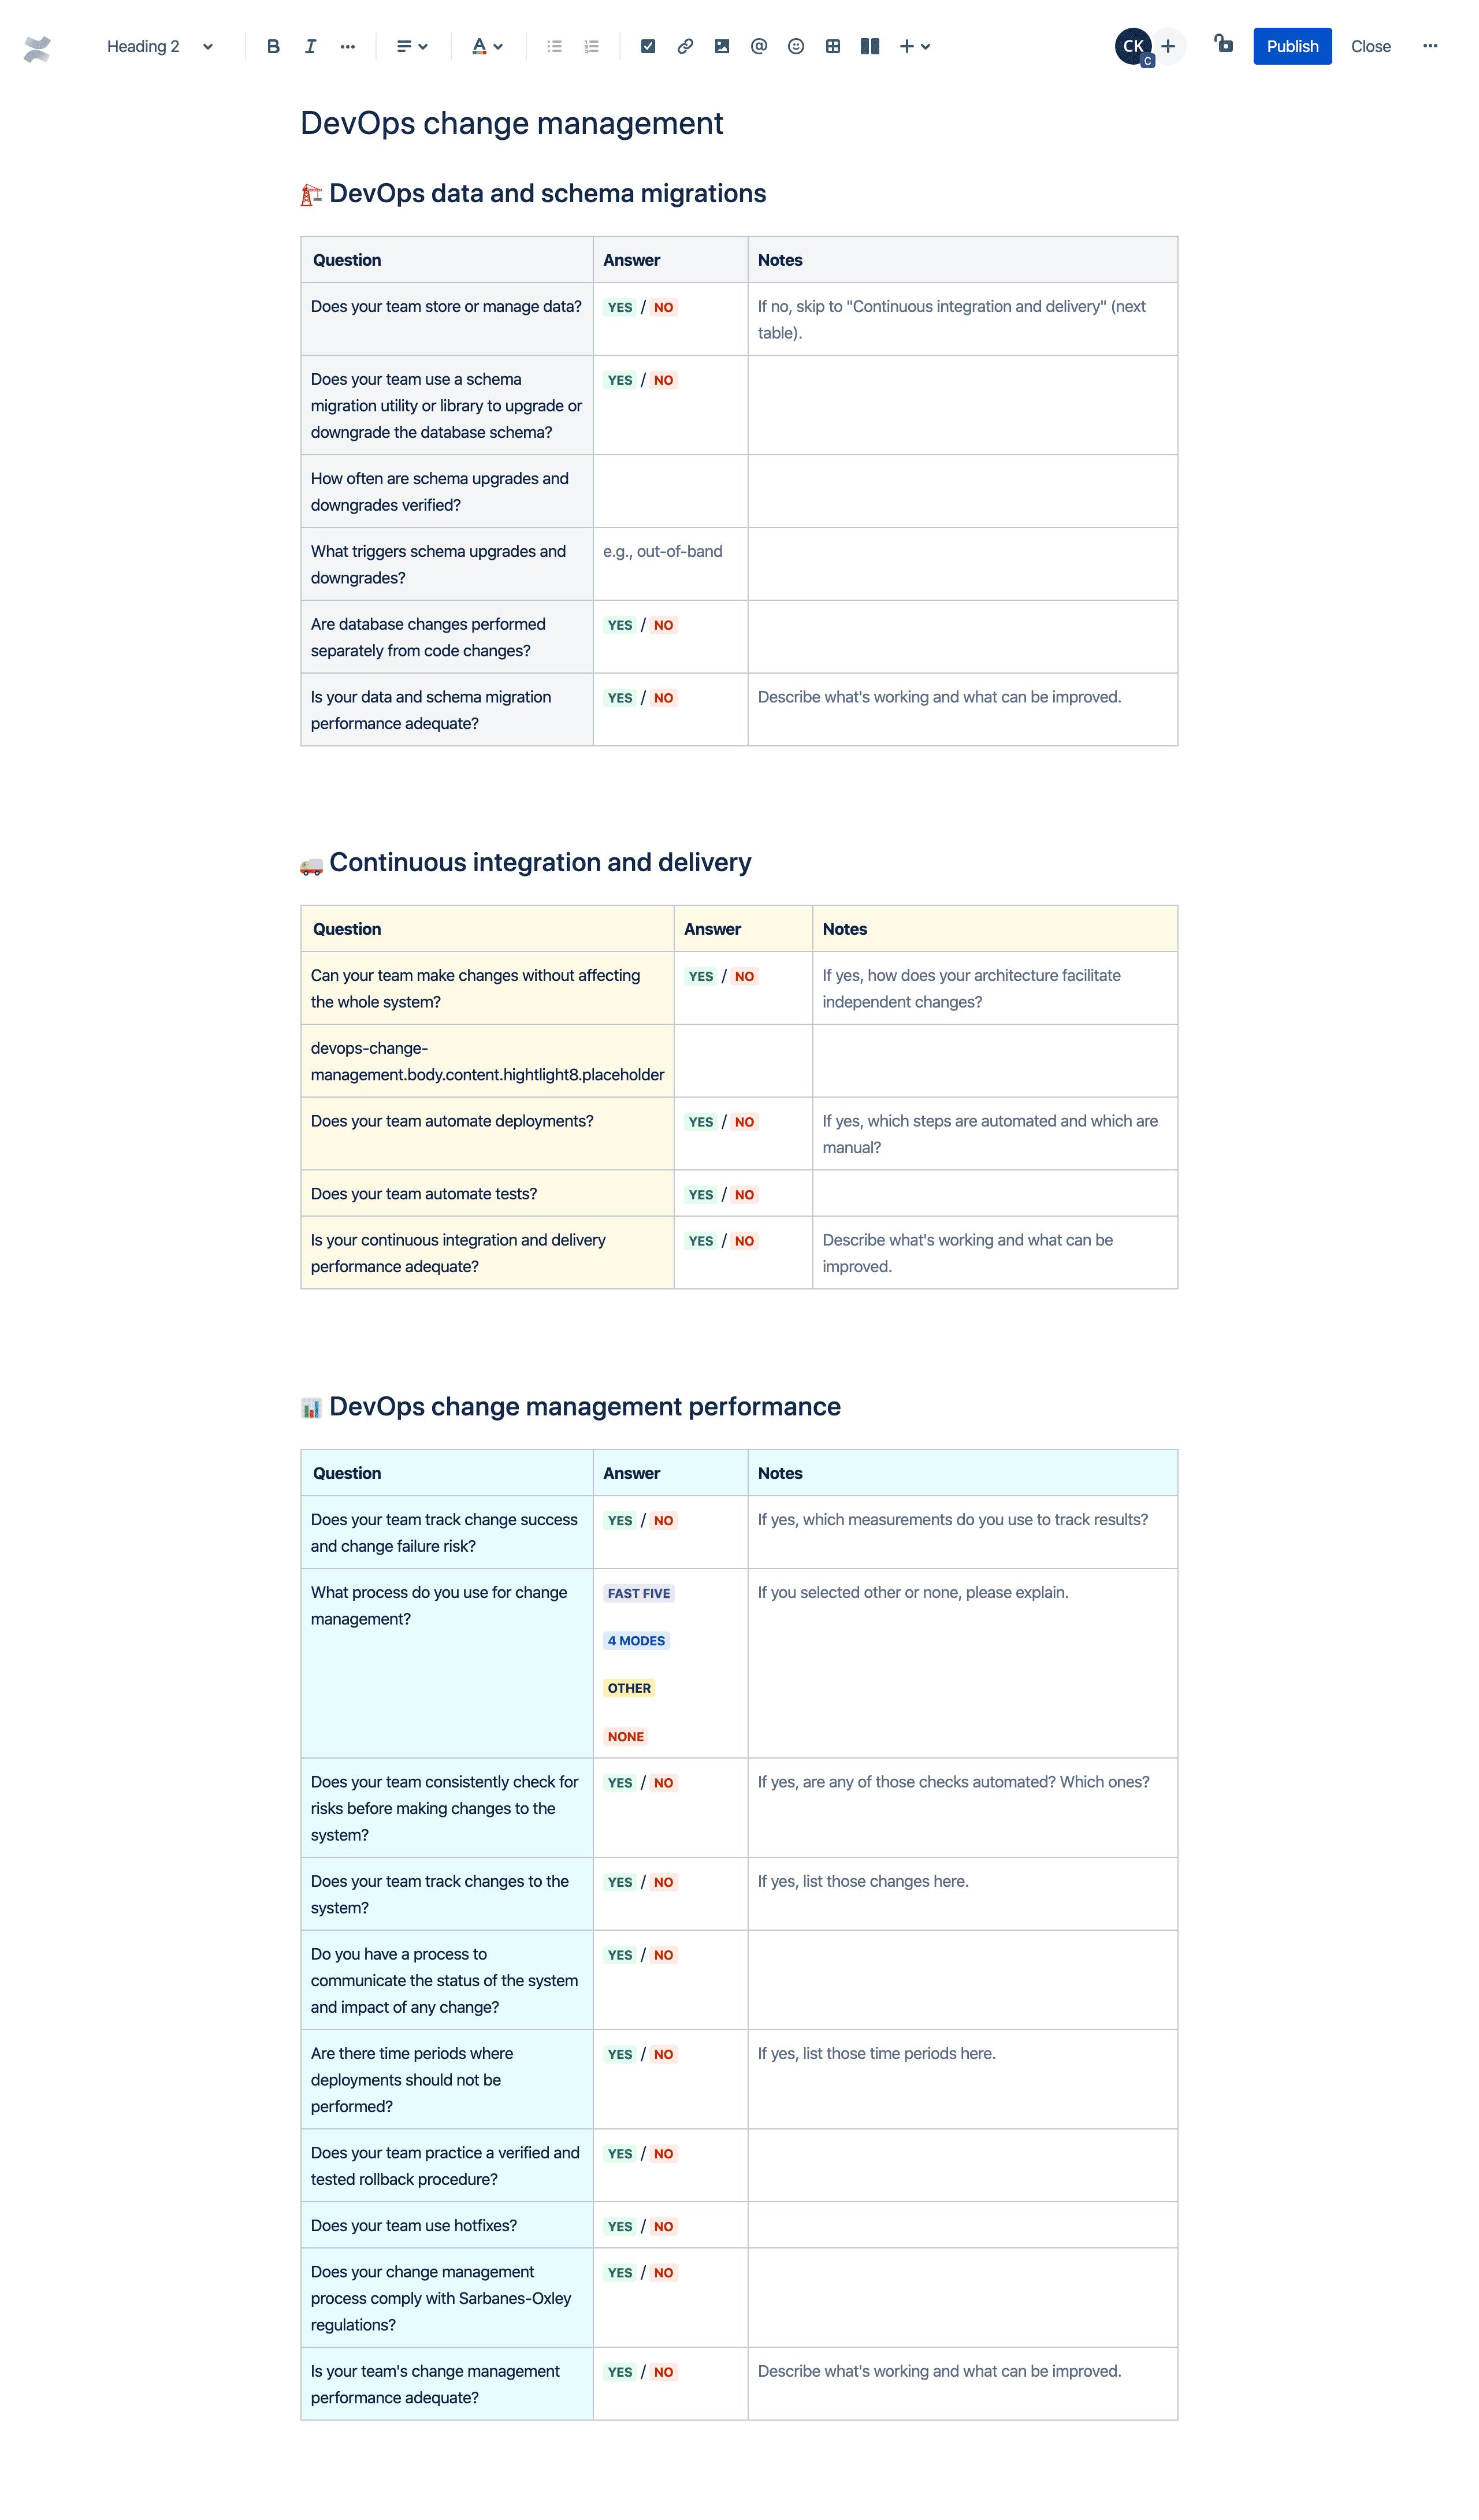 Template de gerenciamento de mudanças do DevOps